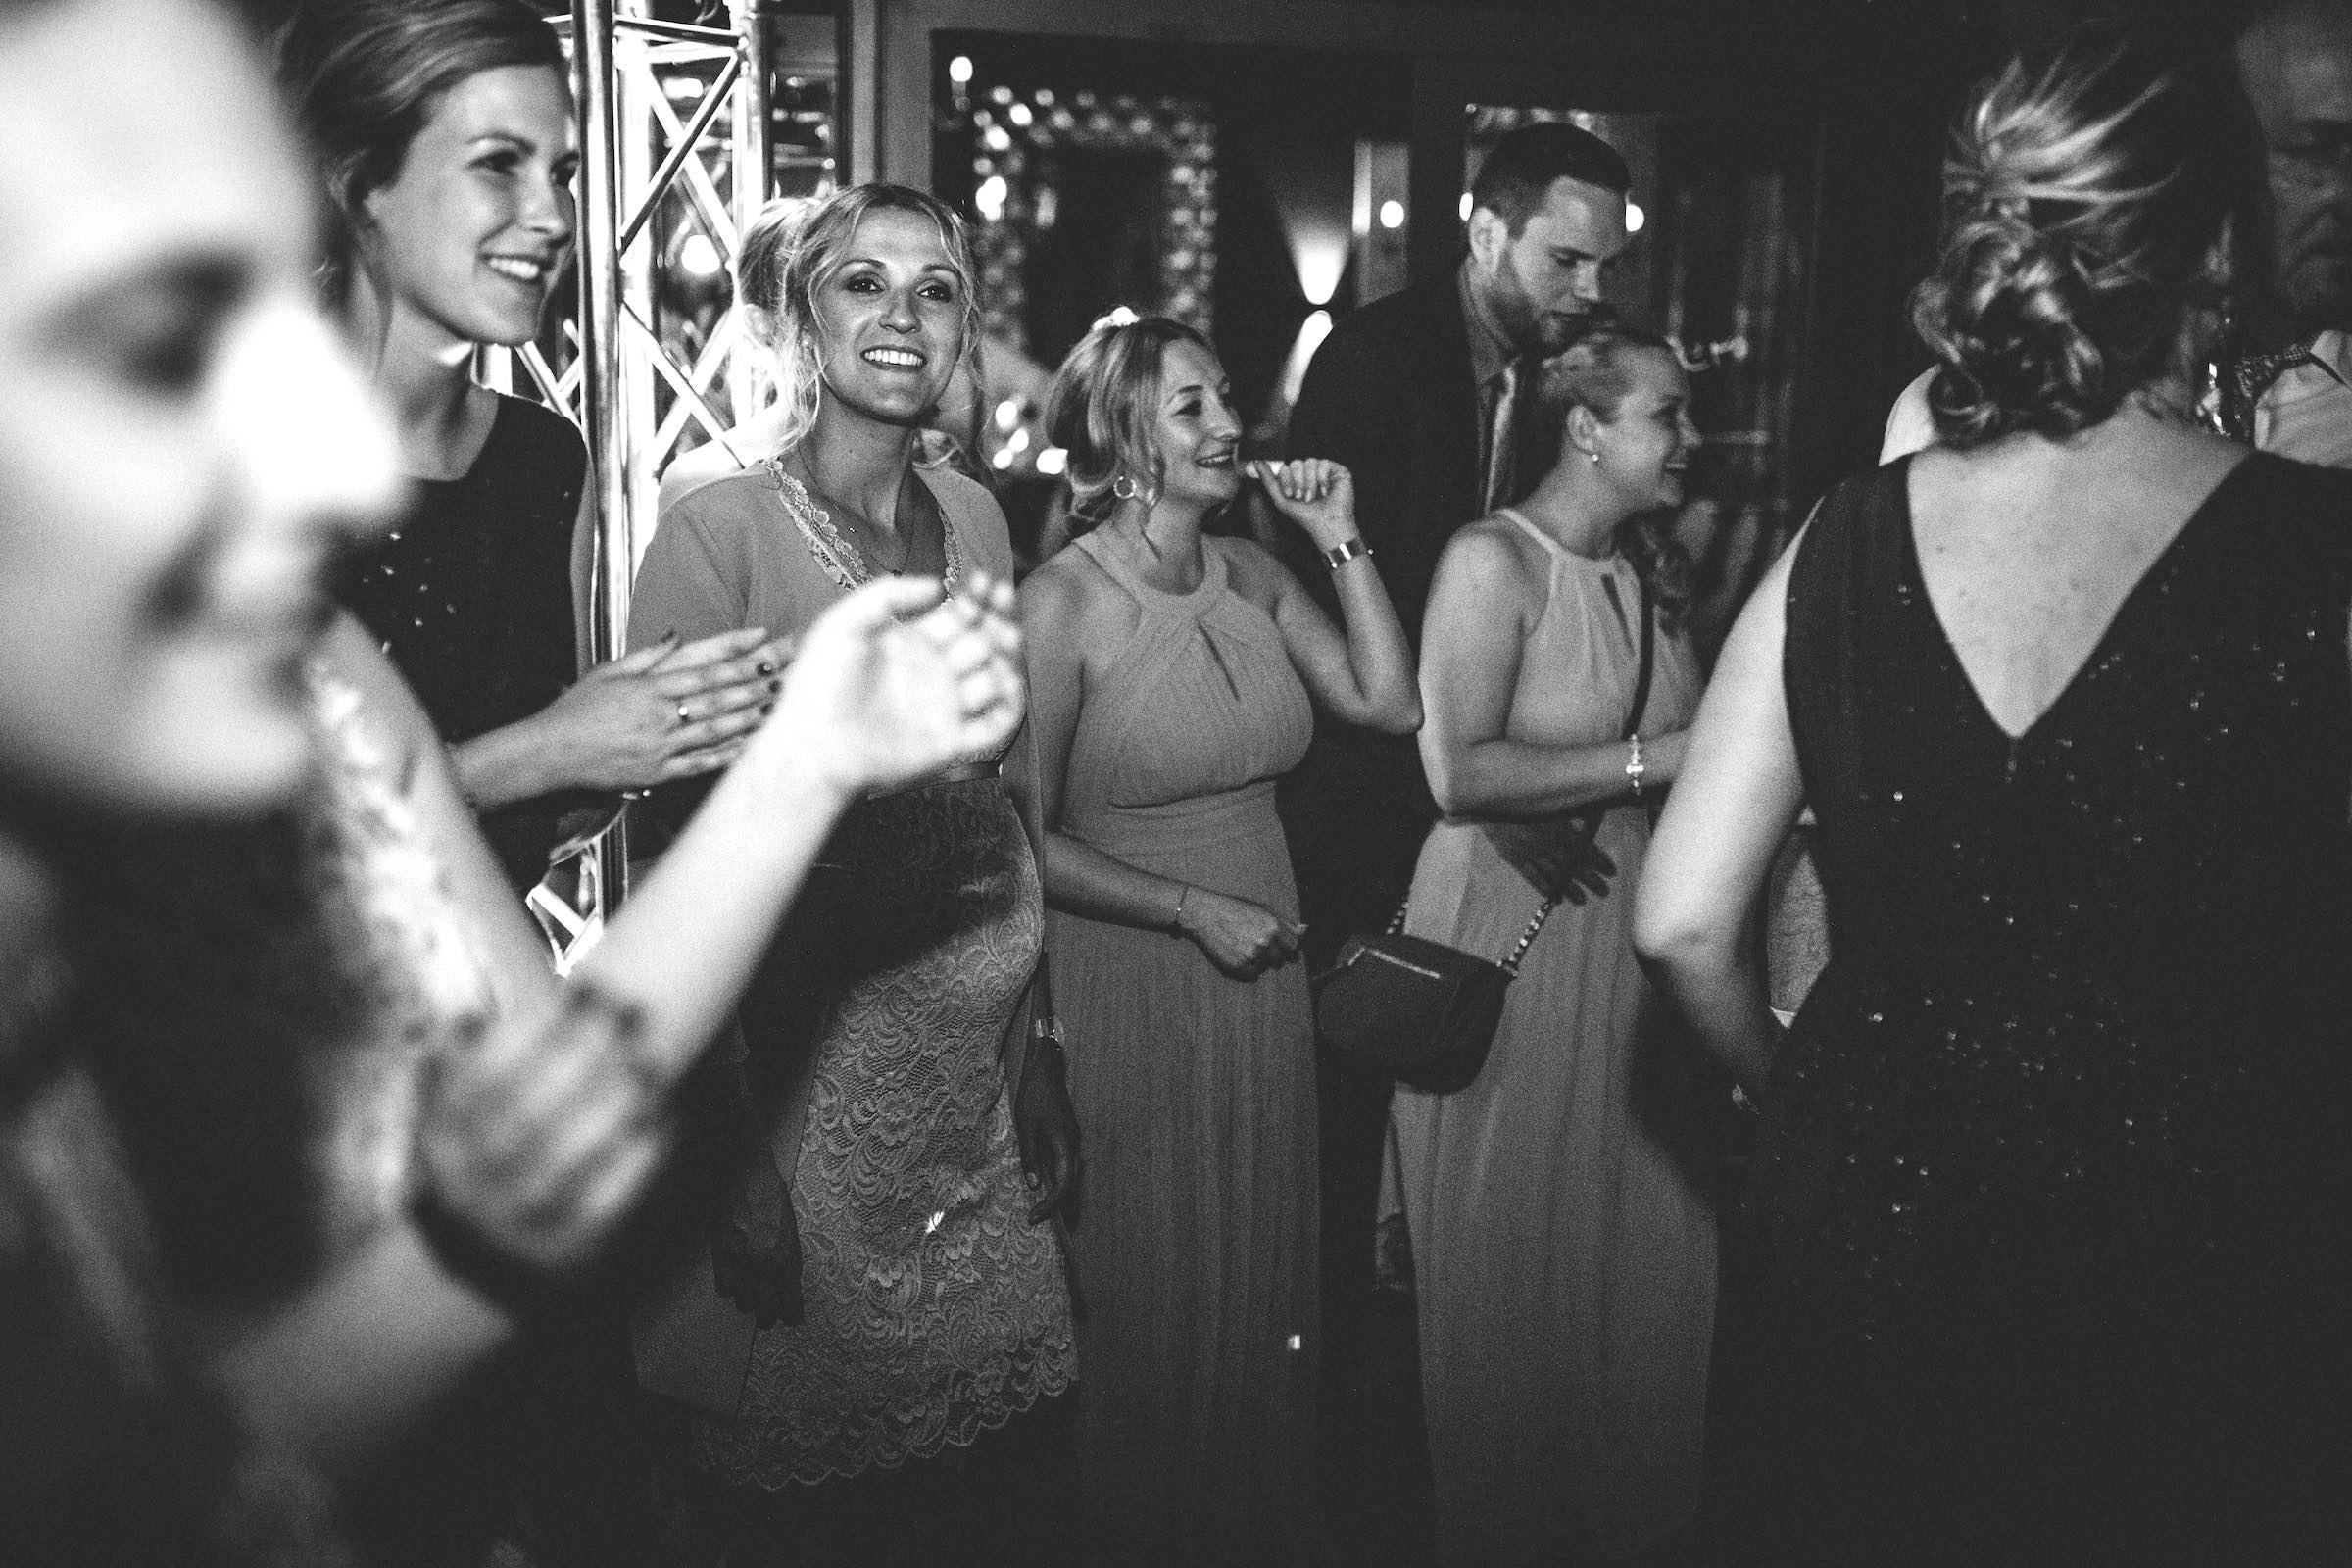 DJ | Hochzeit | Hannover | DJ | Messe | Hochzeits | DJ | Hannover | DJ | Firmenevent | Firmenfeier | DJ | Geburtstag | DJ | Weihnachtsfeier | DJ | Sommerfest | DJ | Landhaus | am | See | Buchen | Anfragen | Lehmann | Eventservice